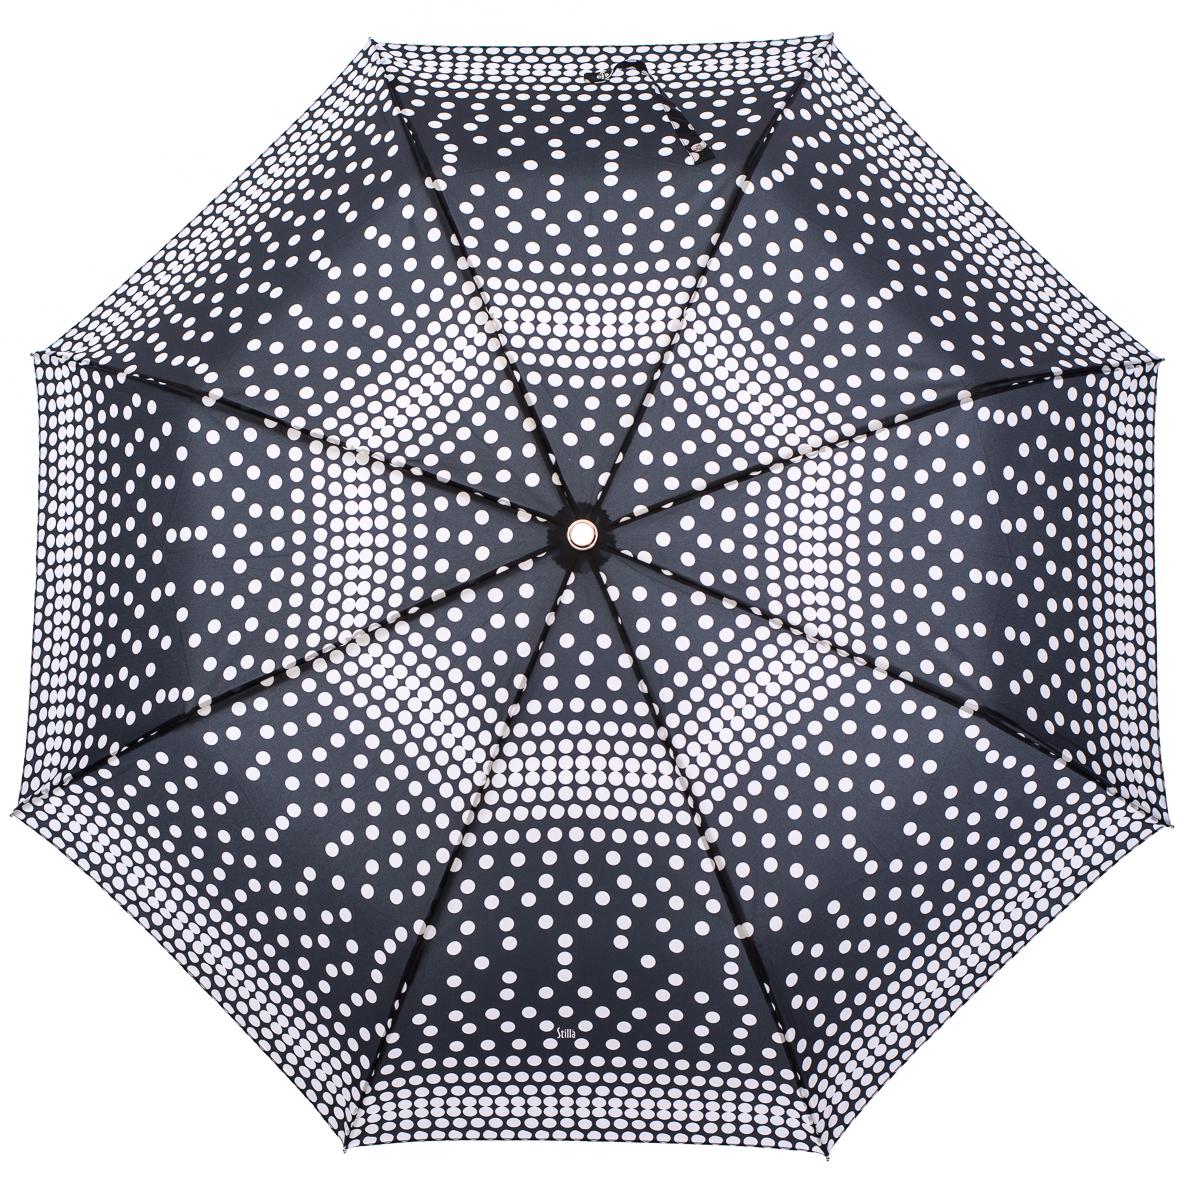 Зонт женский Stilla, цвет: черный. 775/2 mini45100095/32793/3500NОблегченный женский зонтик. Конструкция 3 сложения, полный автомат, облегченная конструкция (вес - 320 гр), система антиветер. Ткань - полиэстер. Диаметр купола - 112 см по верхней части, 101 см по нижней. Длина в сложенном состоянии - 27 см.